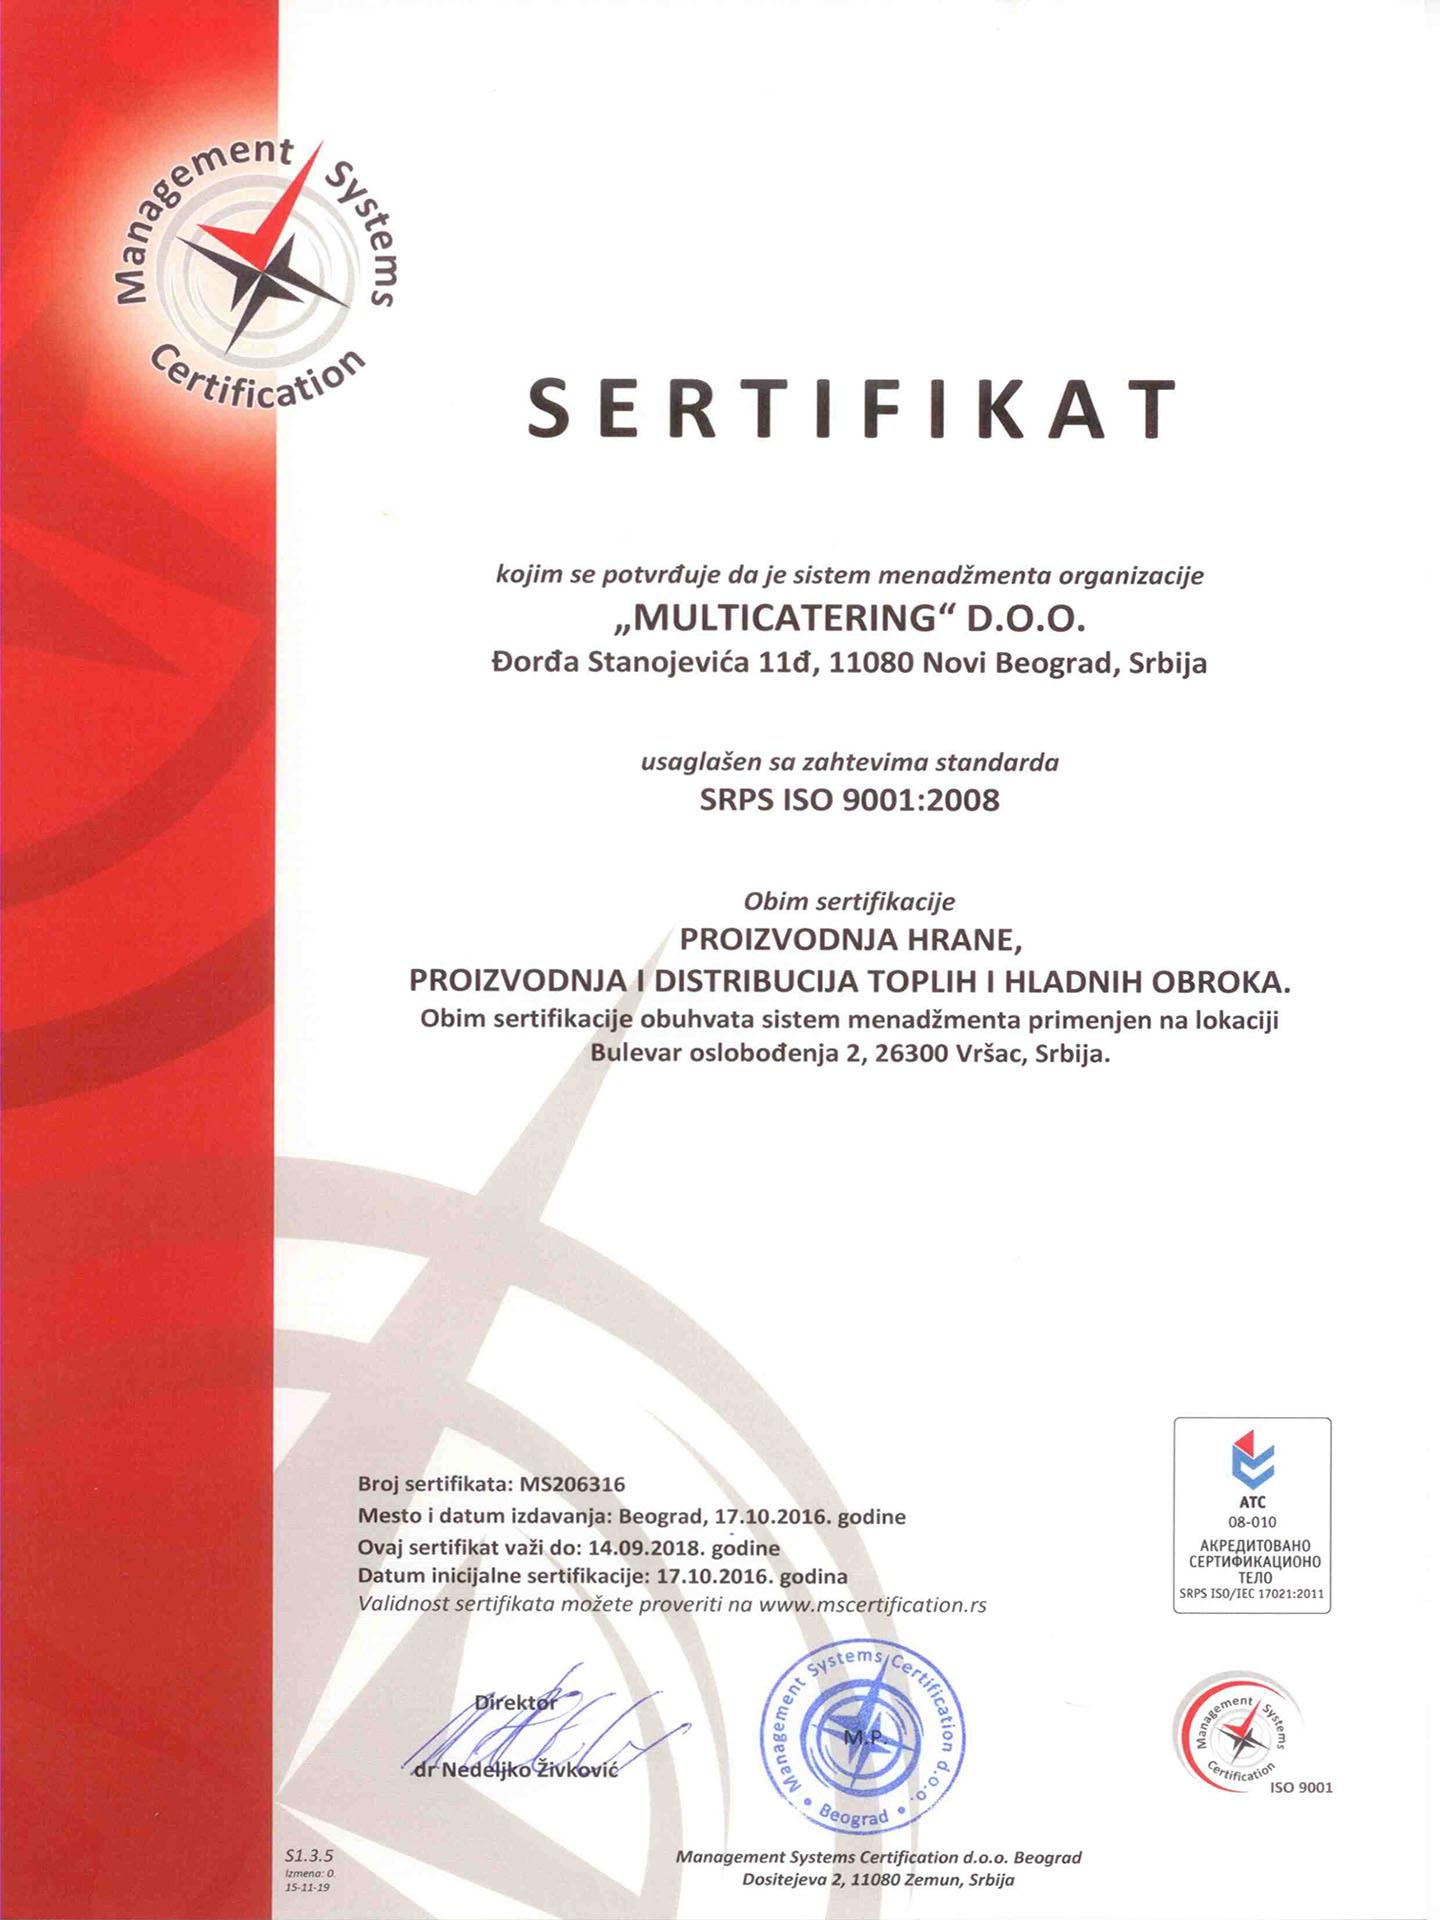 Sertifikat SRPS ISO 9001:2008